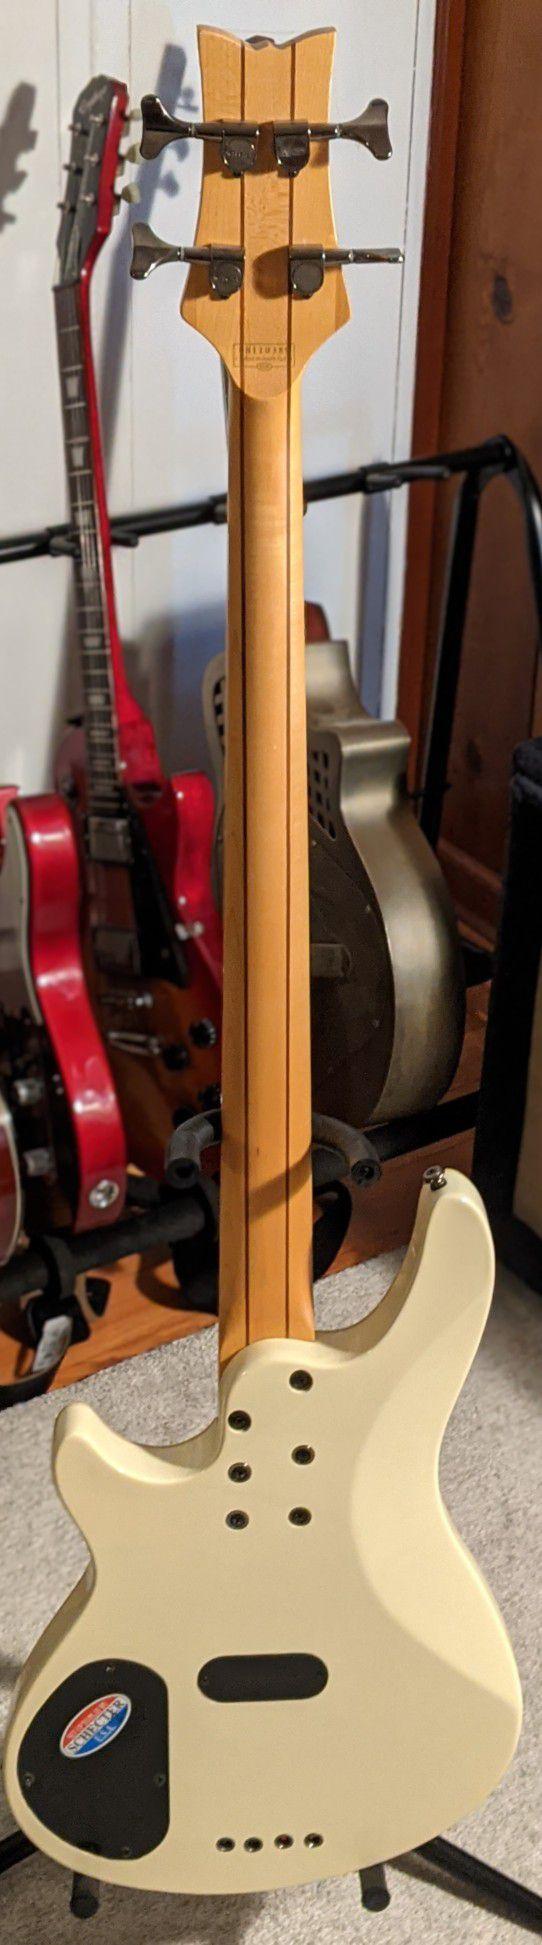 Schecter Diamond series C-4 Custom Bass Guitar